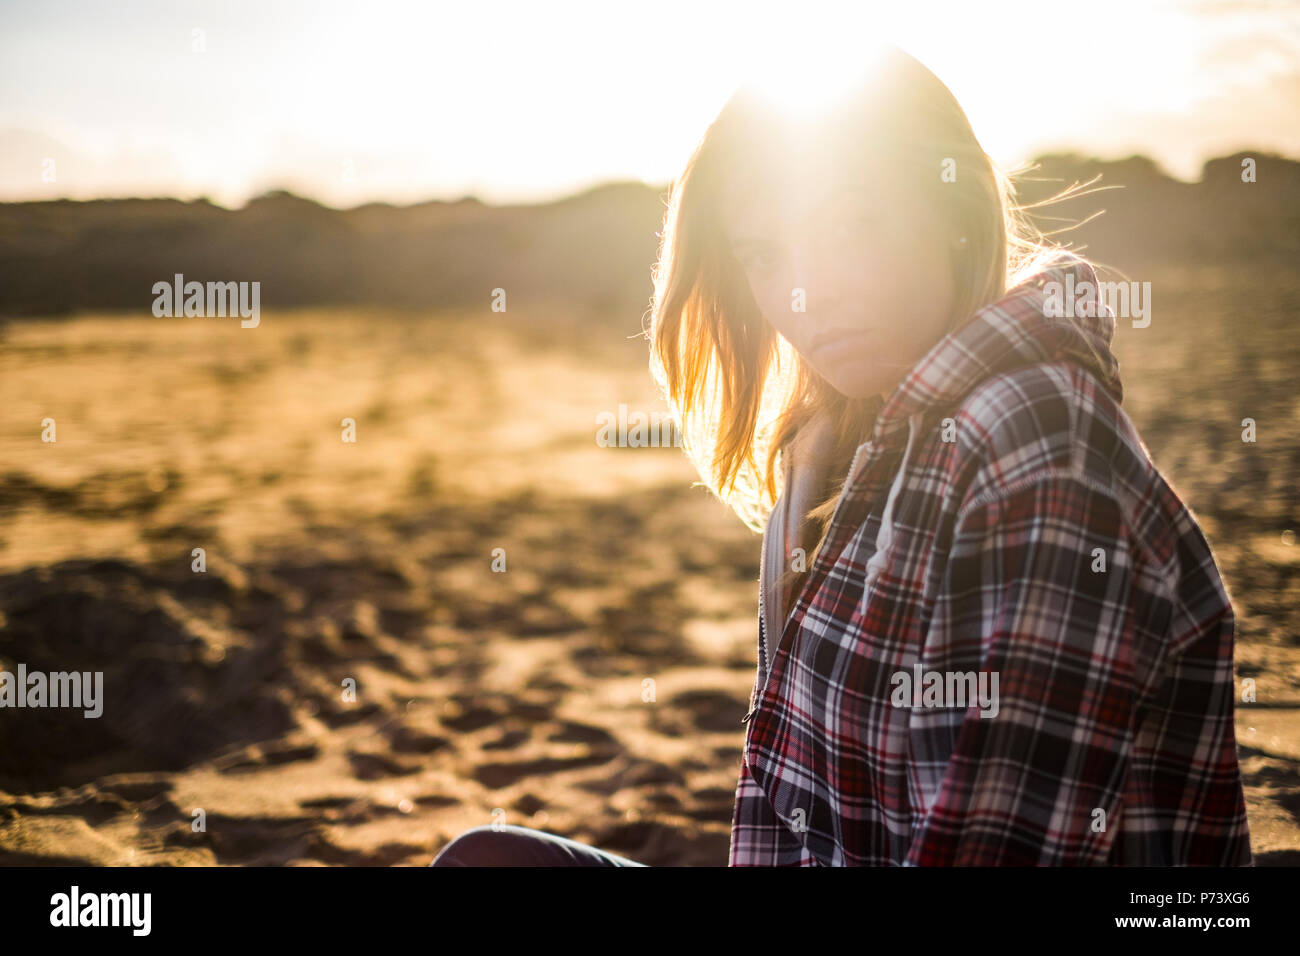 Grande bella luce dorata in un tramonto con la bionda attraente persone molde seduto alla spiaggia. vacanze e viaggi wanderlust per active girl look Immagini Stock